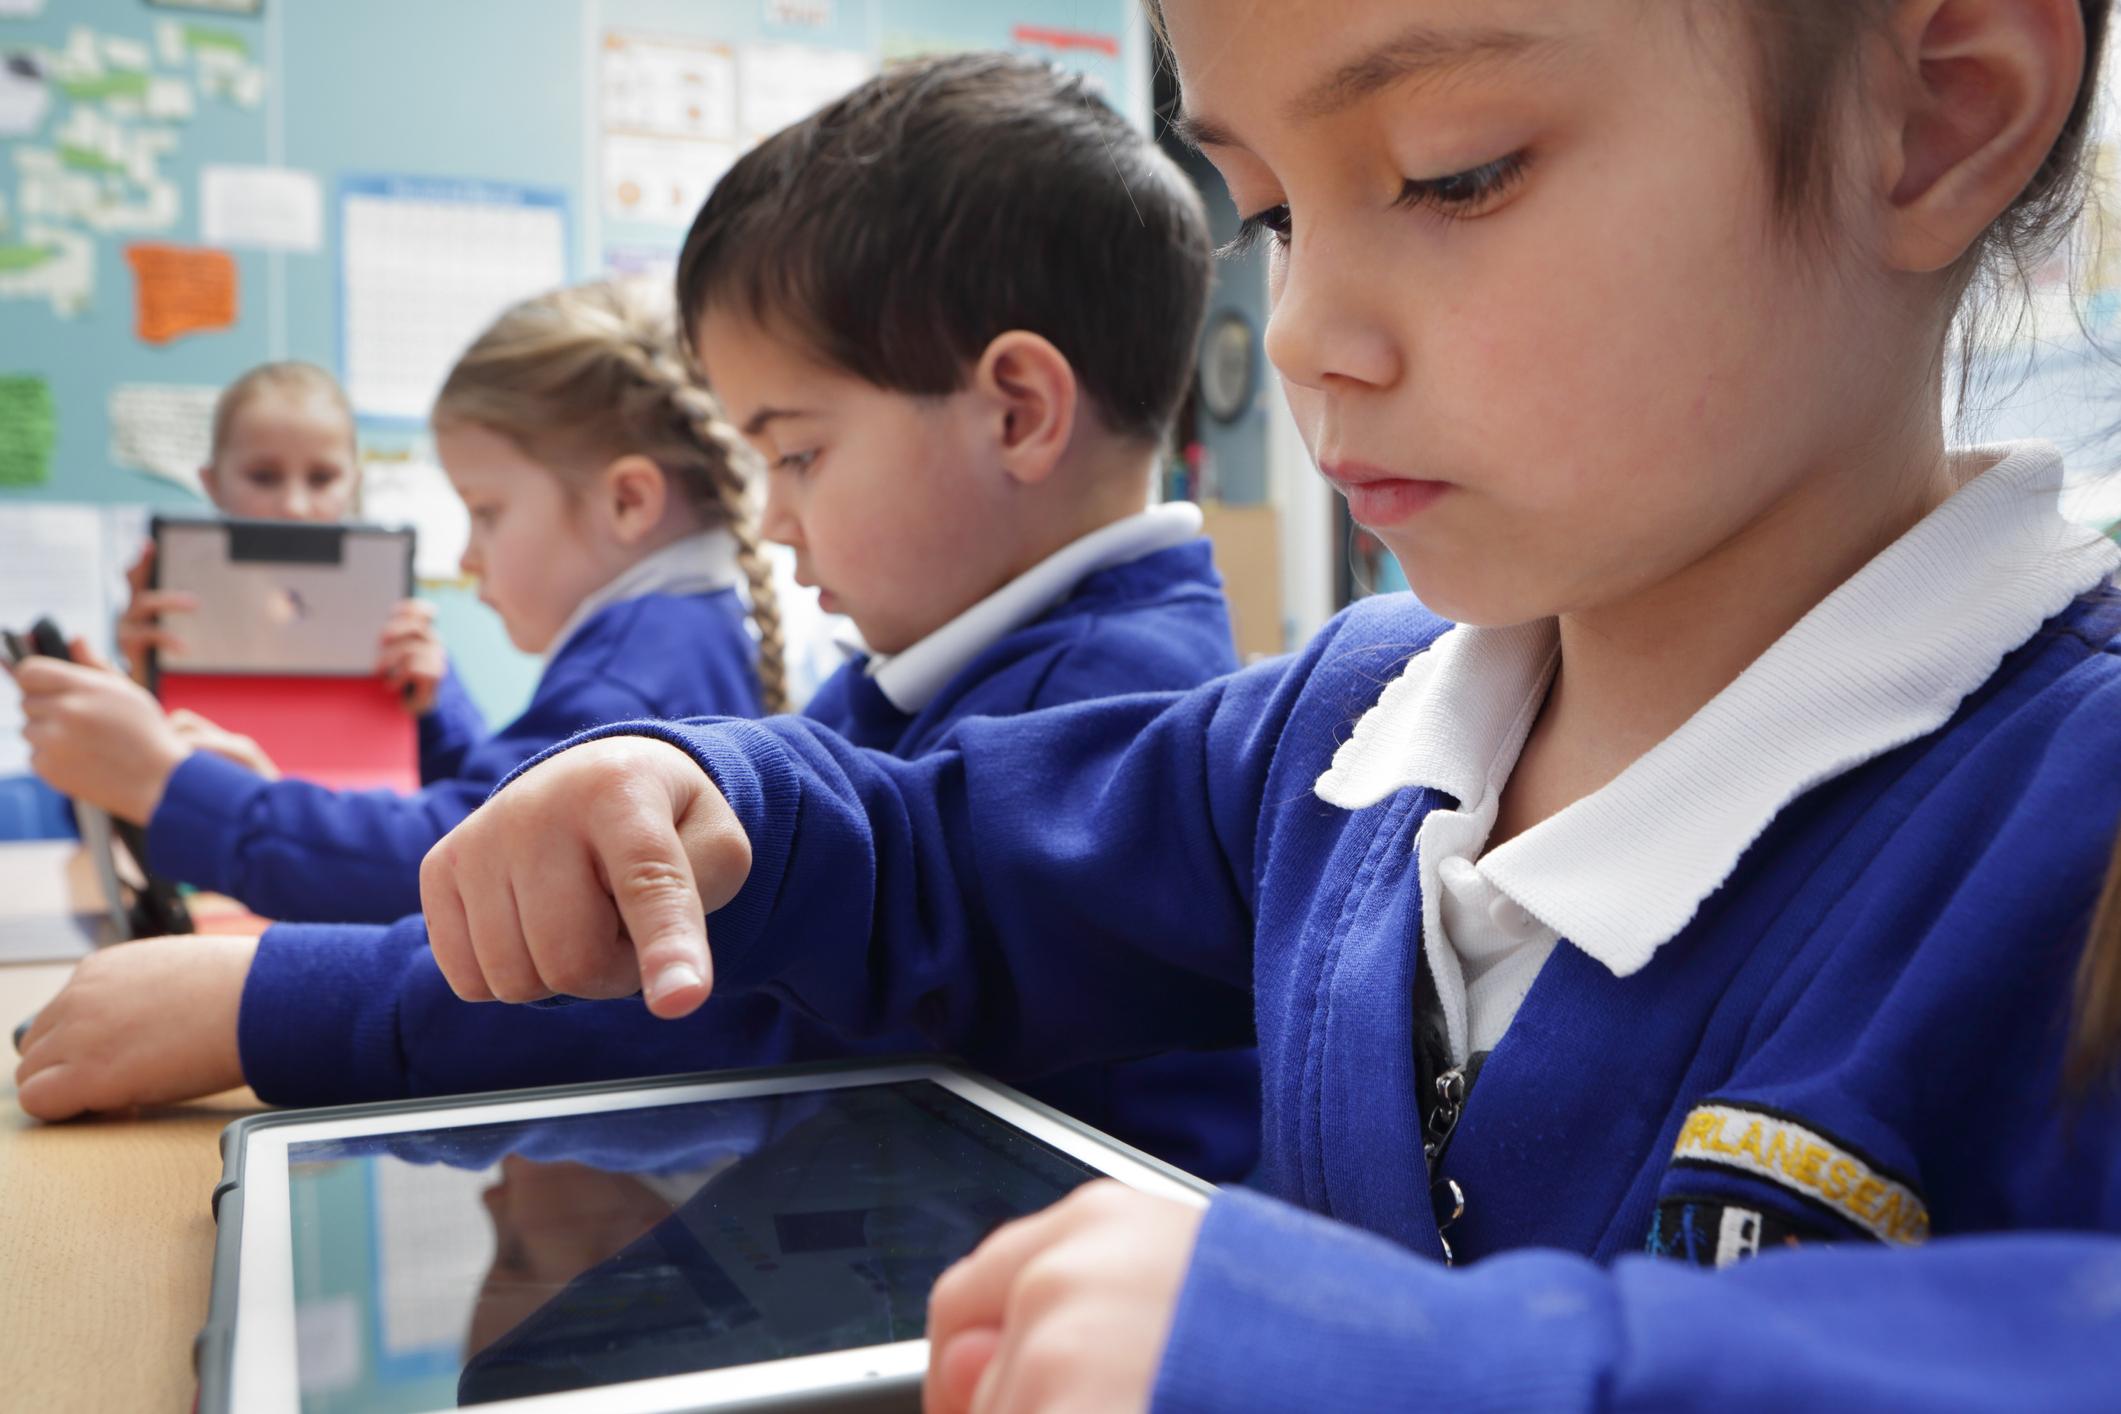 Des enfants à l'école travaillant sur des tablettes